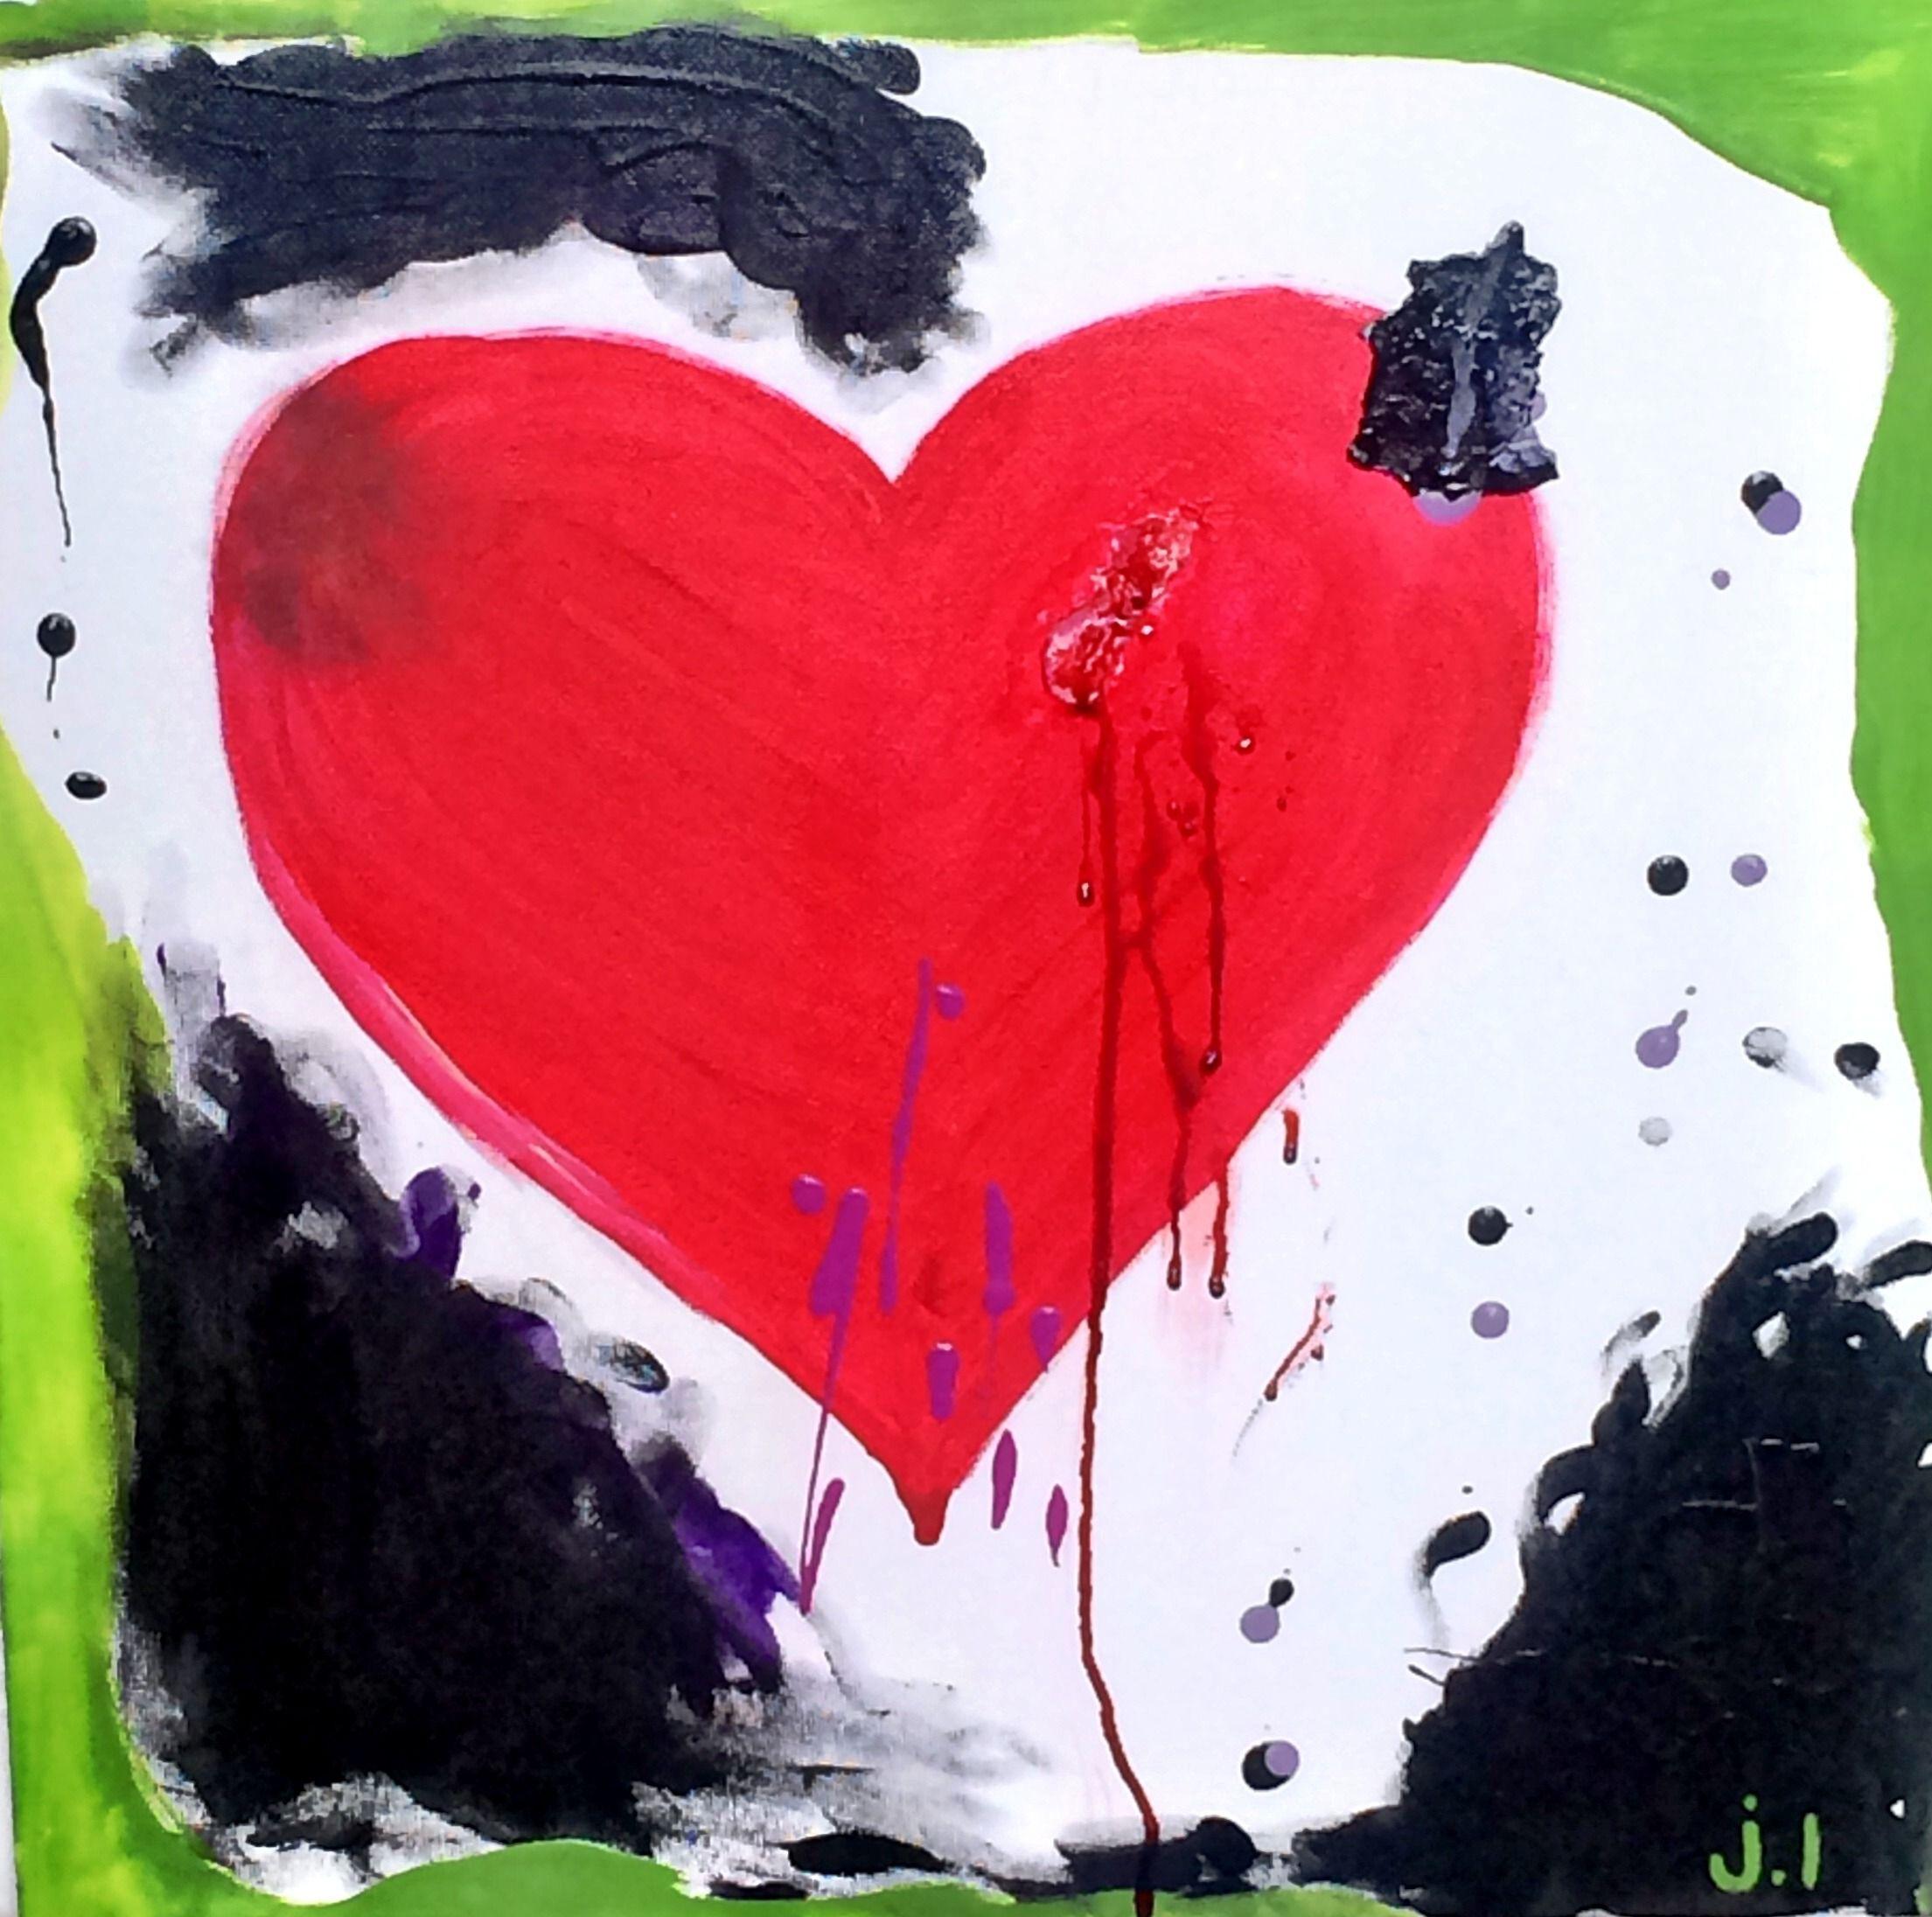 """For Sale: """"He ate my heart"""" by Johnny Luoma   $100   20""""w x 20""""h   Original Art   http://www.vangoart.co/buy/art/he-ate-my-heart @VangoArt"""